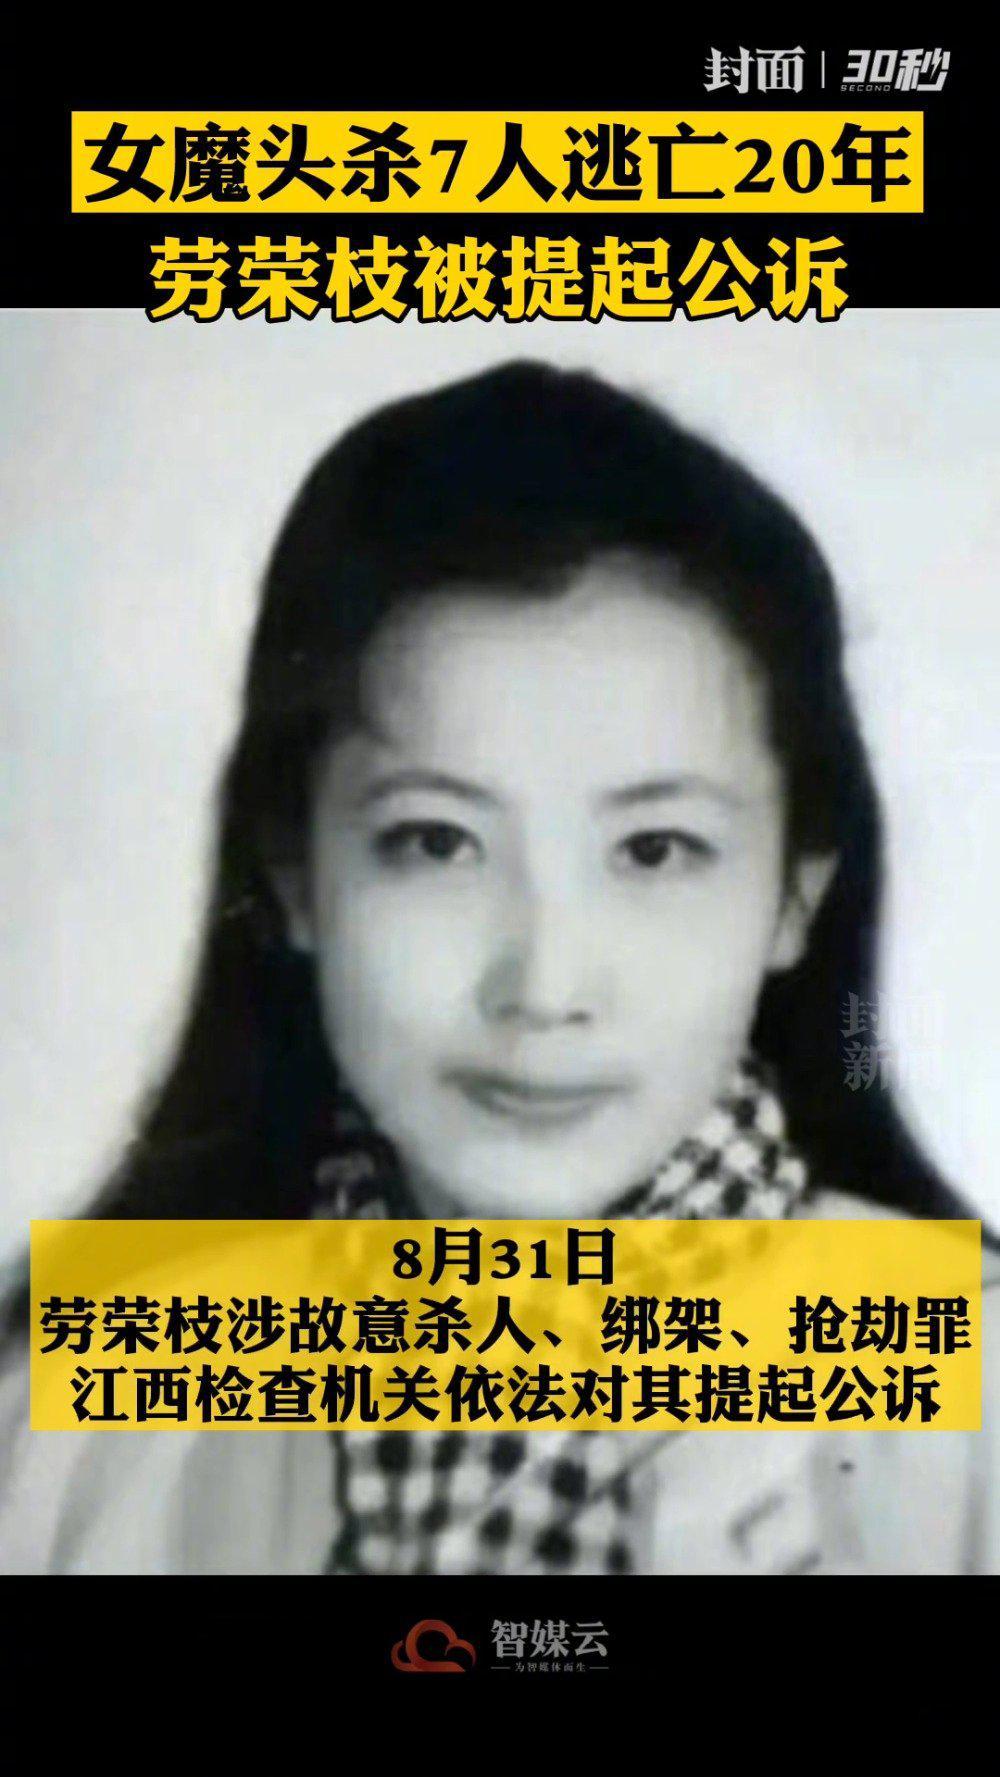 江西检察机关依法对劳荣枝涉嫌故意杀人、绑架、抢劫罪案提起公诉